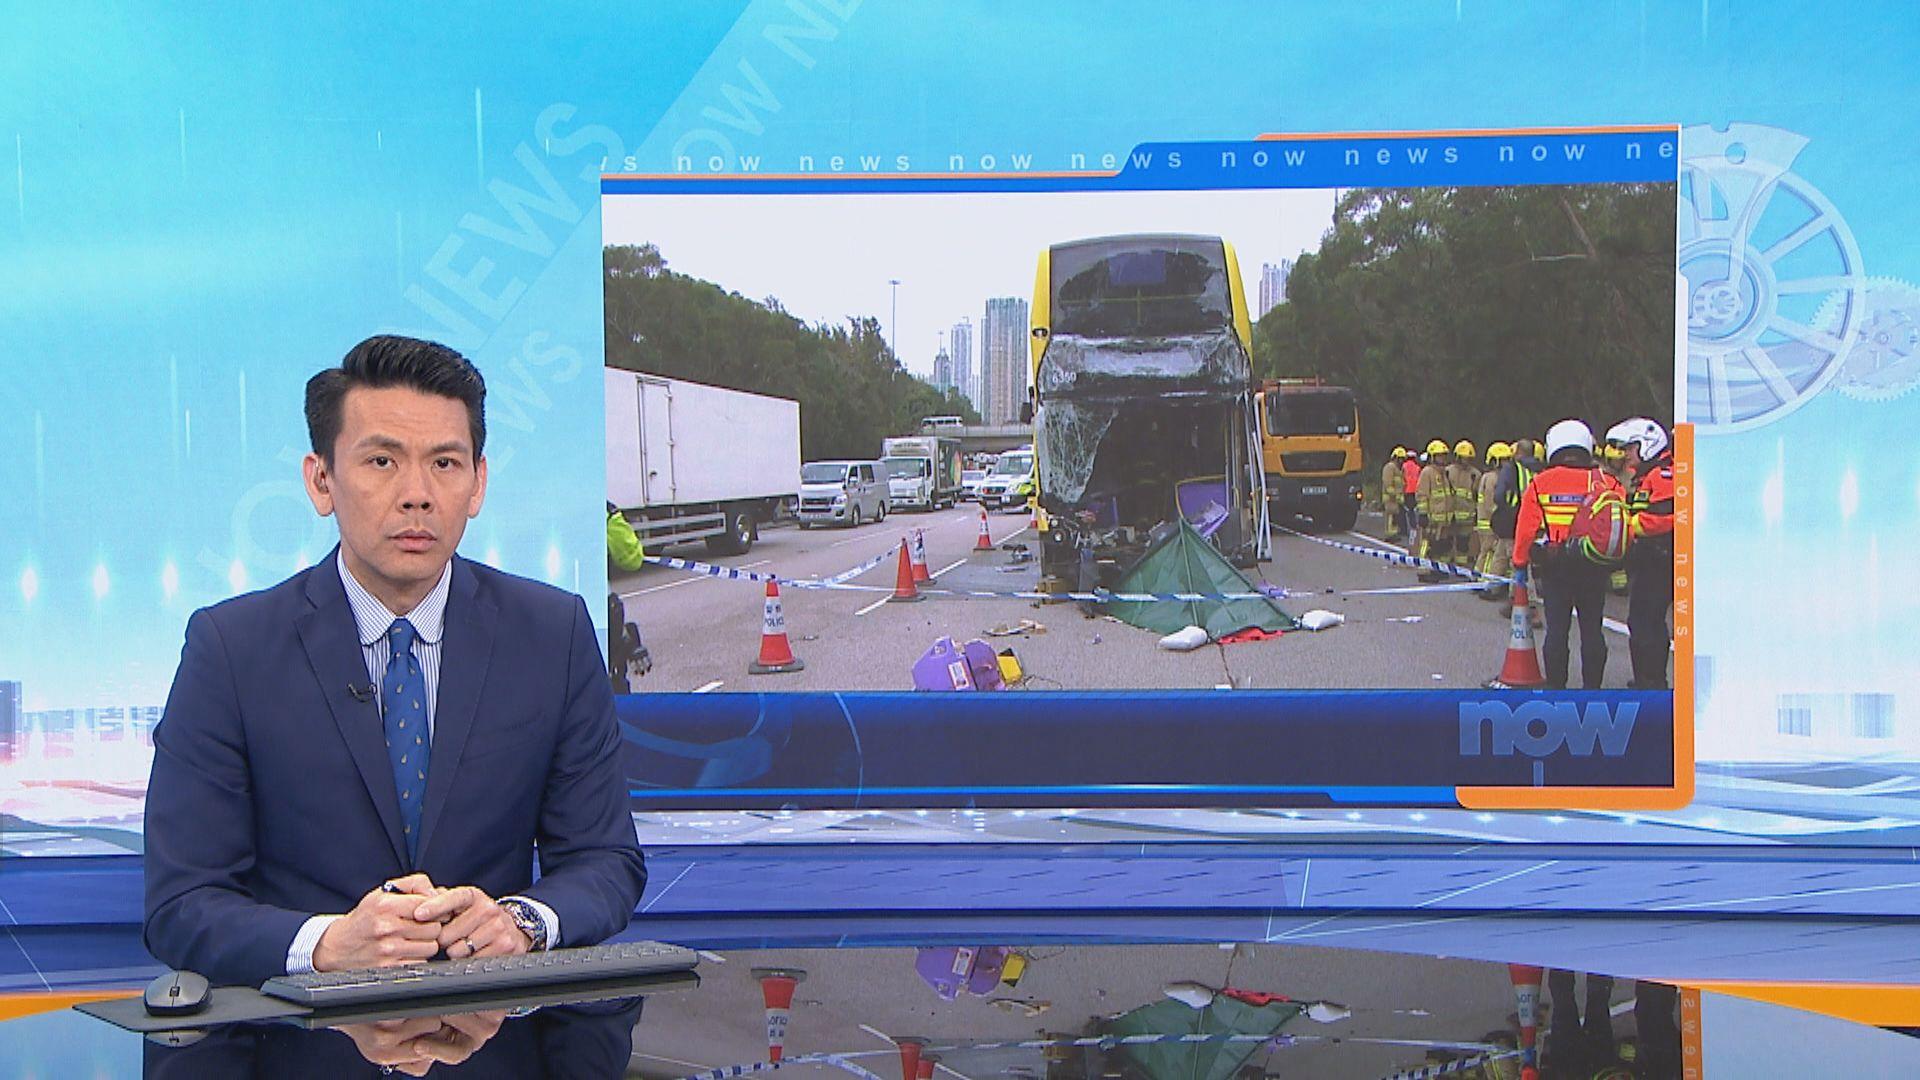 西九龍兩死車禍 警稱貨車壞車落尾板做法危險